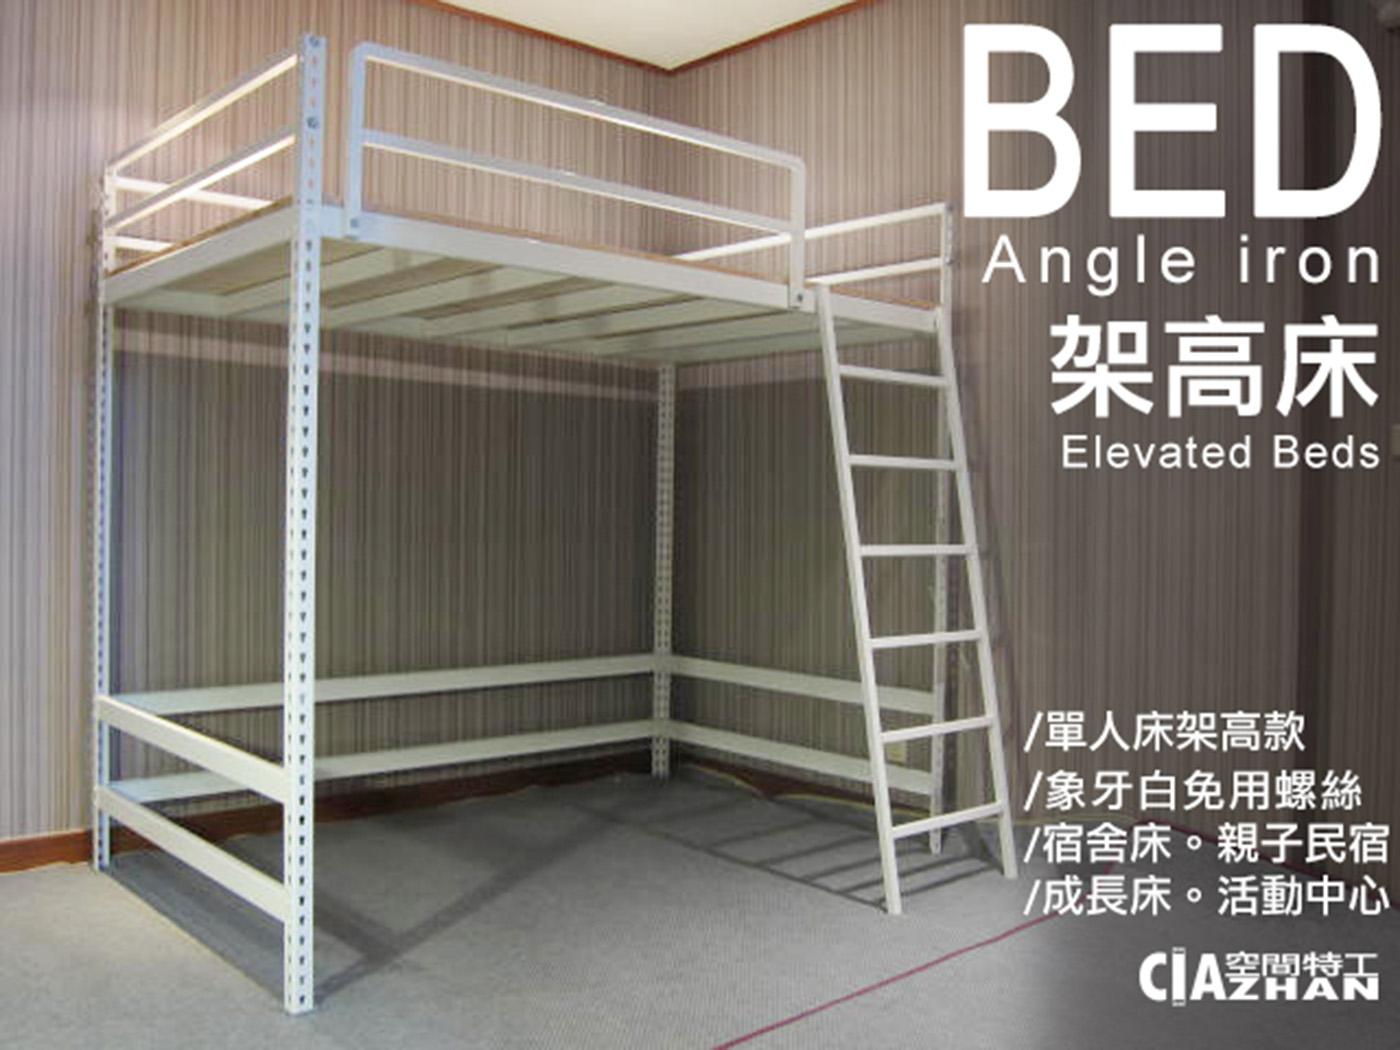 象牙白角鋼床架?空間特工? 3尺架高單人床 床架/床台/床板 免螺絲角鋼床